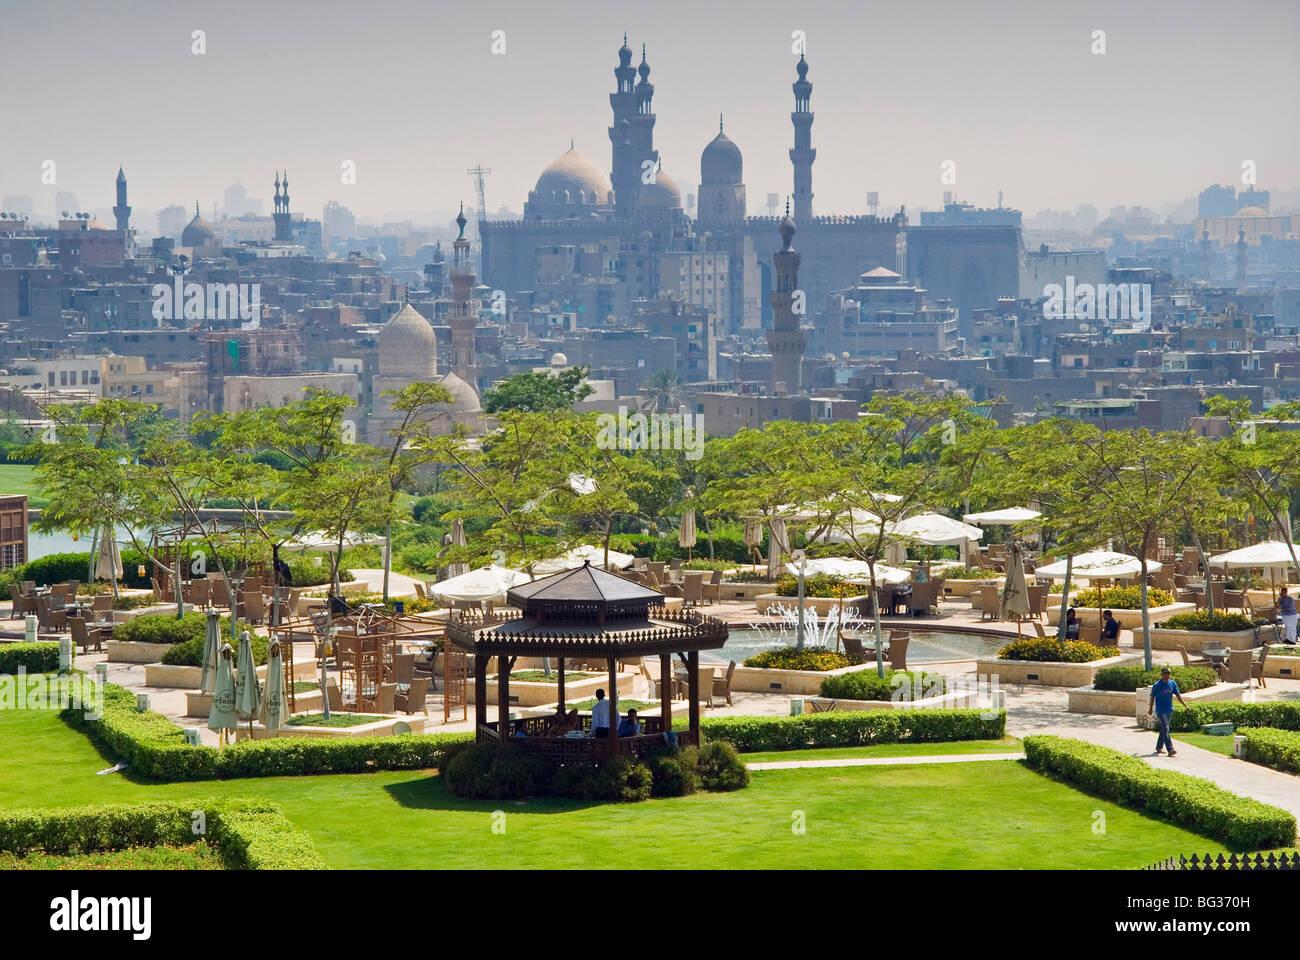 Al Azhar Park e area islamica al Cairo, Egitto, Africa Settentrionale, Africa Immagini Stock